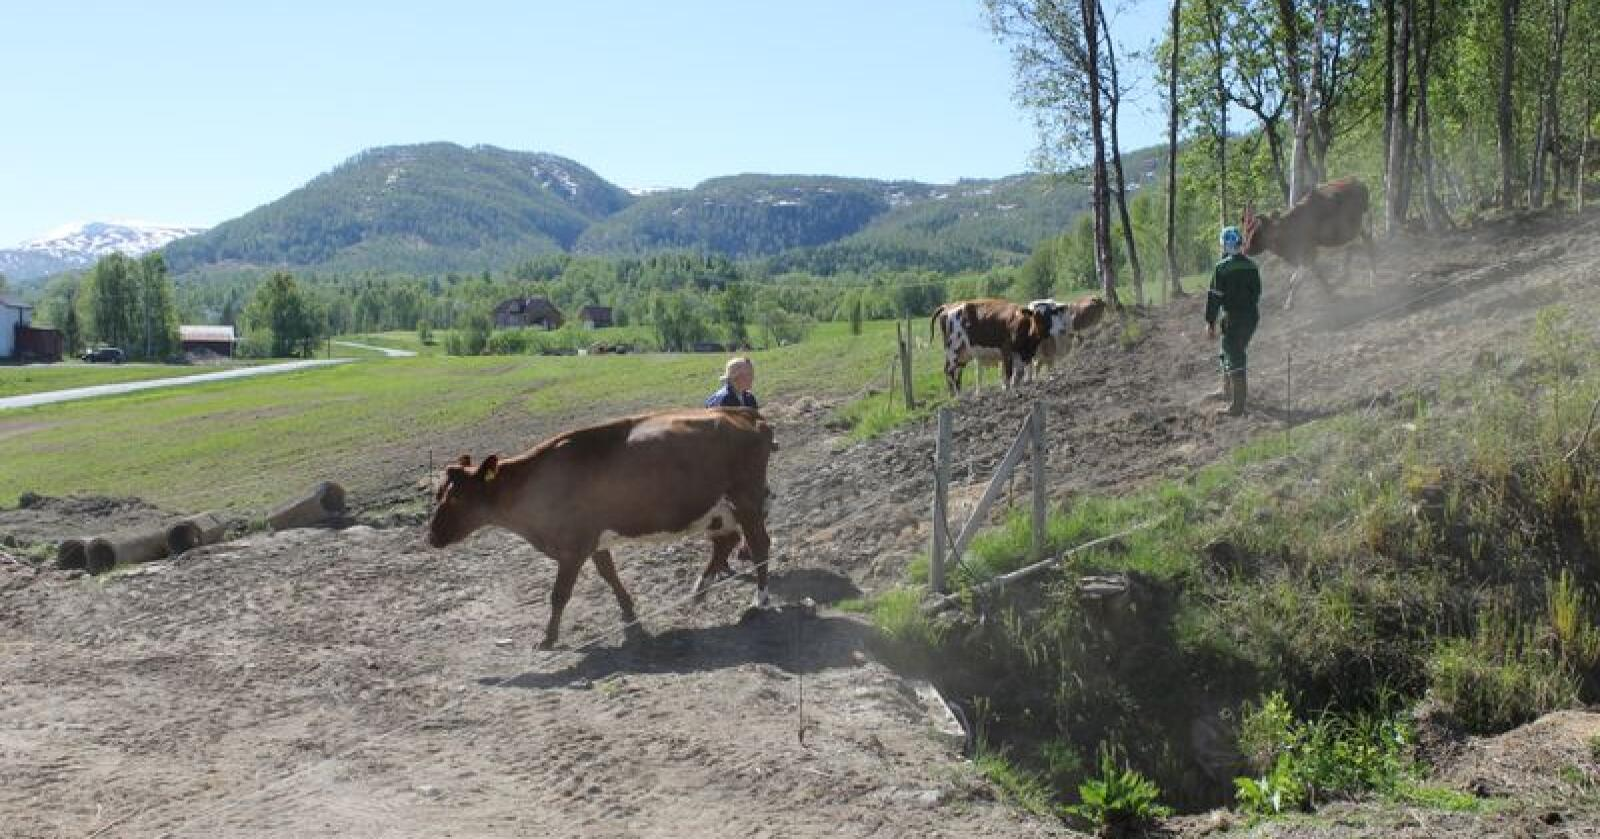 Flere bønder sier til Helgeland Landbrukstjenester at de tjener inn en dyktig ansatt, og de fleste betaler godt for en god avløser. Bildet er fra Balsfjord i Troms. (Foto: Norsk Landbruk)